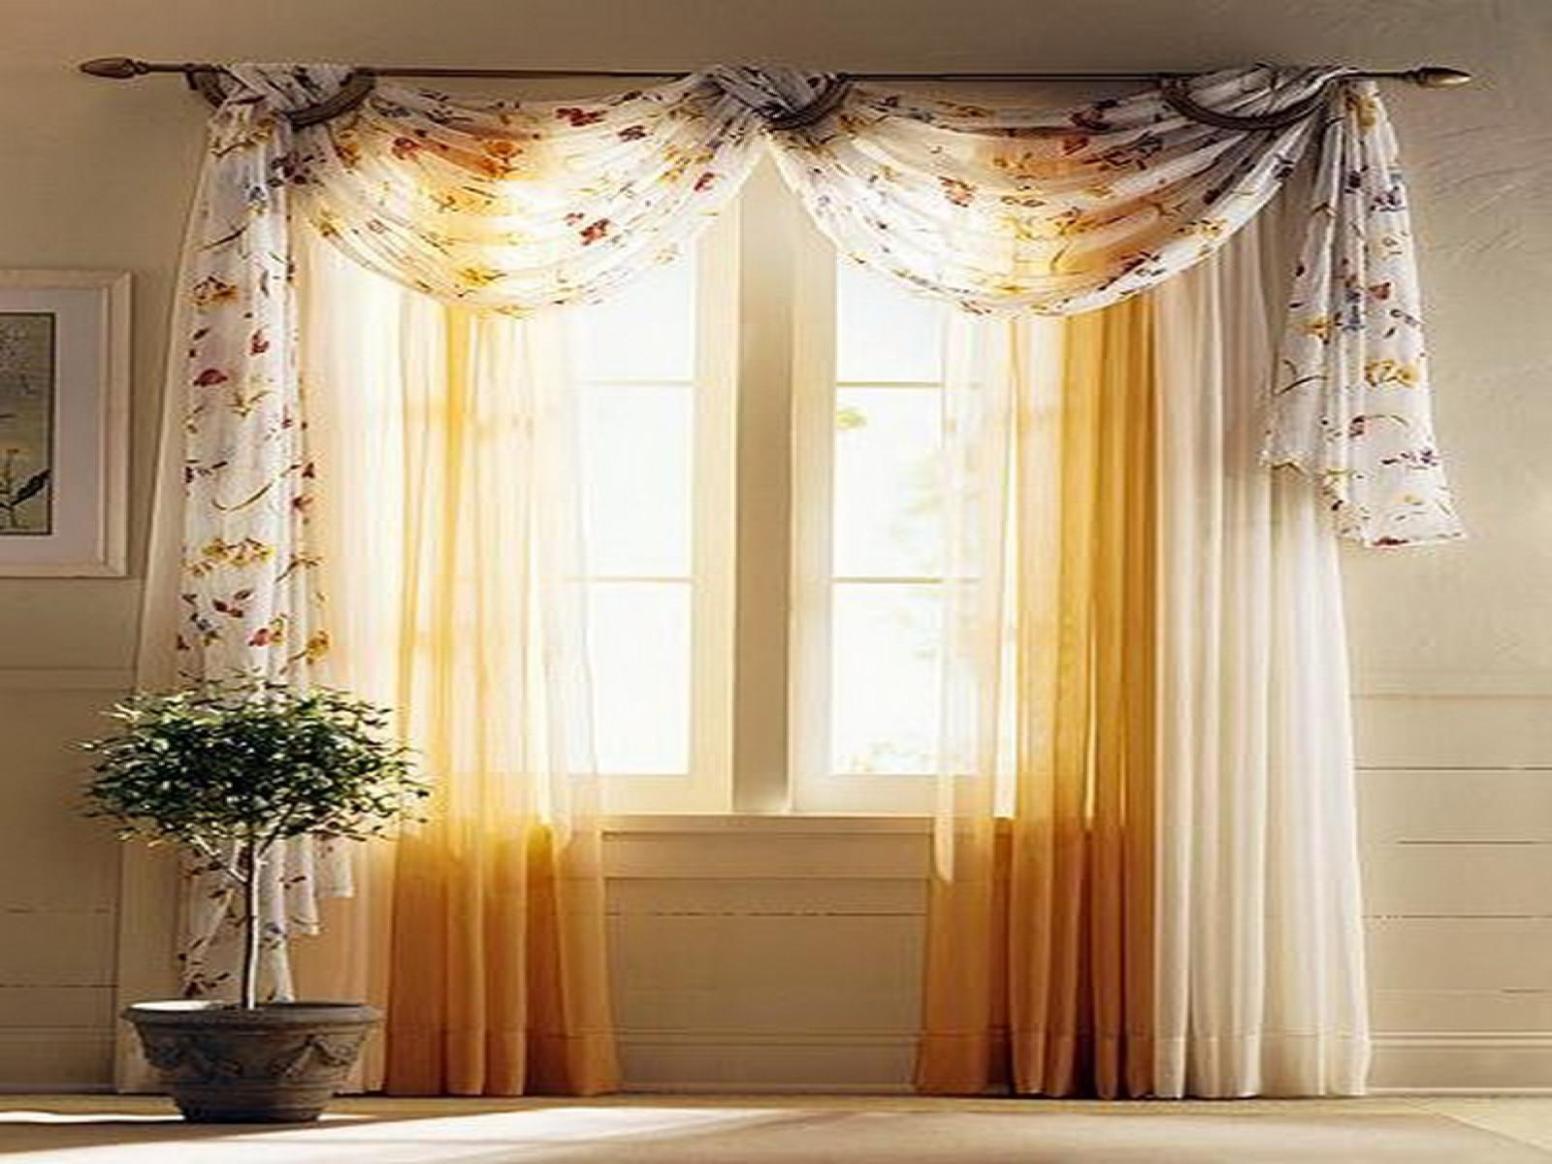 имеет красивые шторы для окон фото барной стойкой